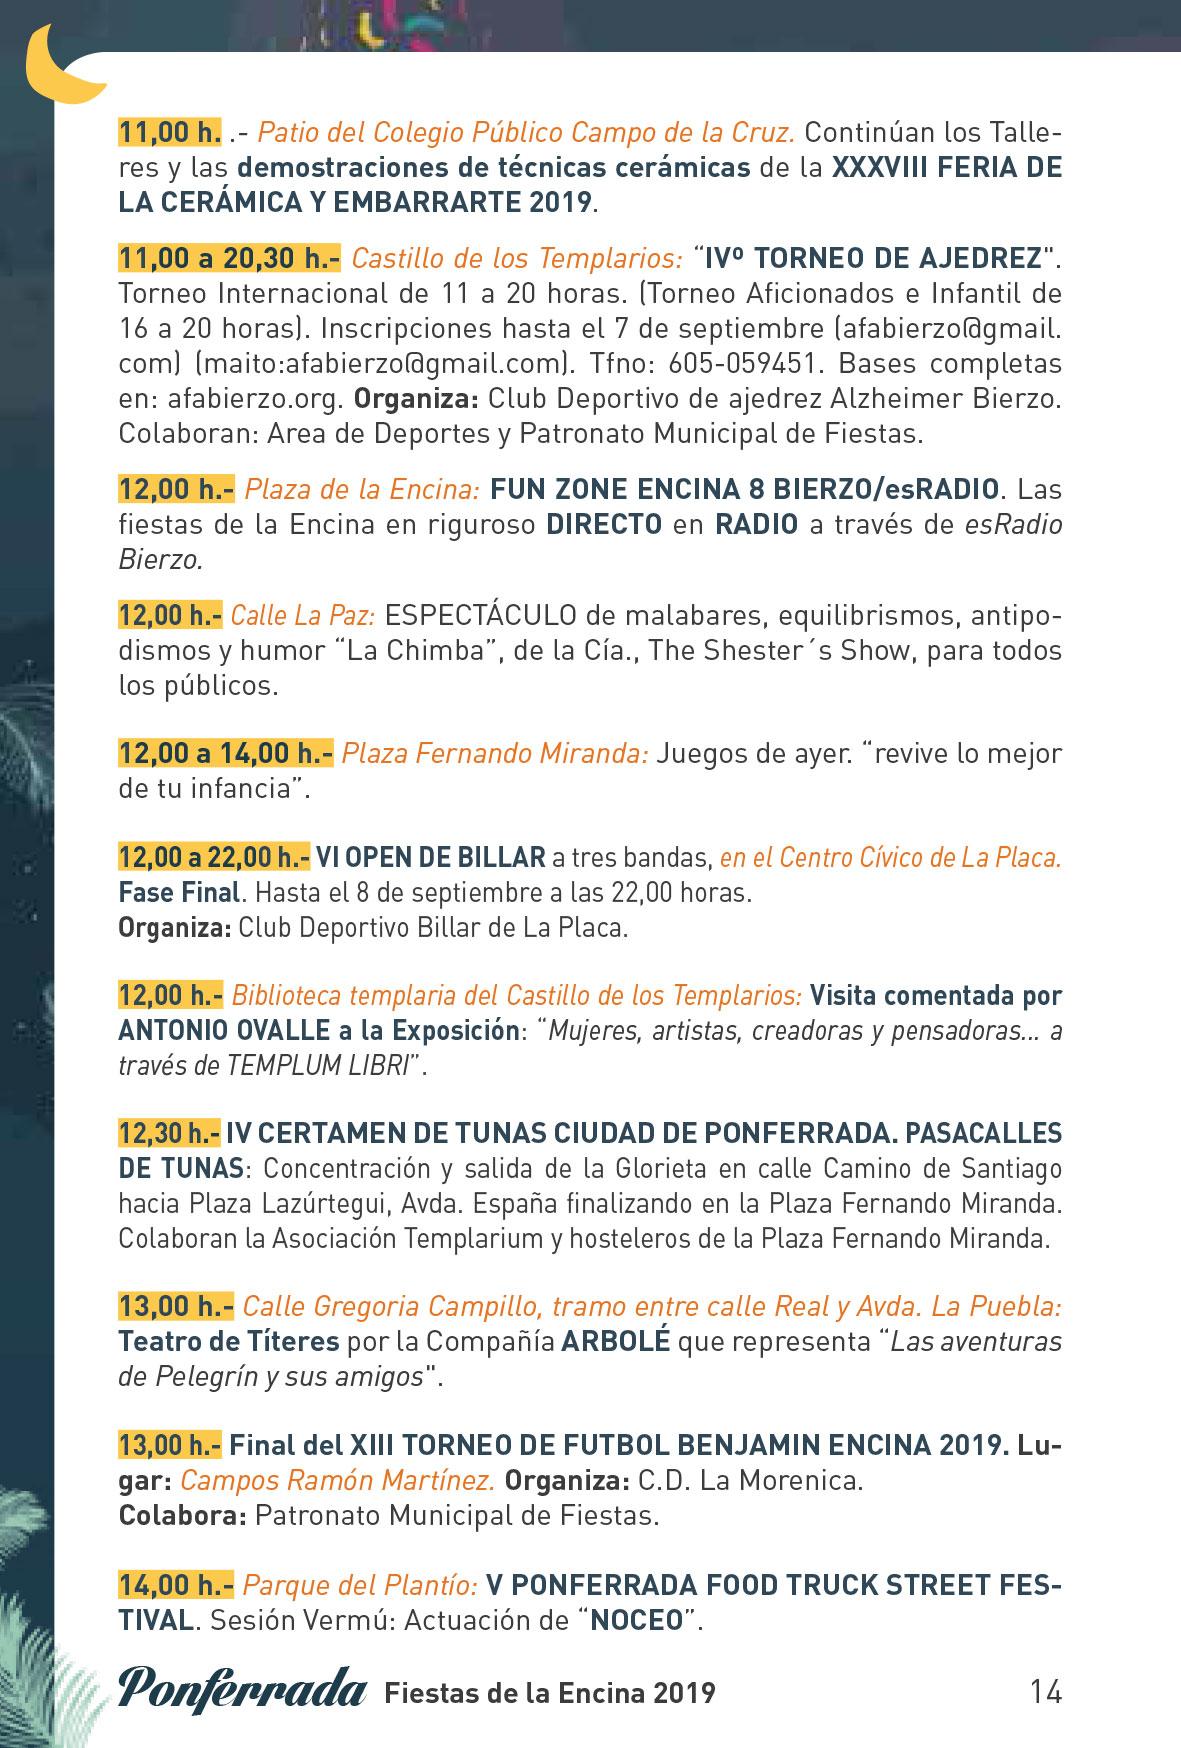 Fiestas de la Encina 2019. Programa y actividades 14